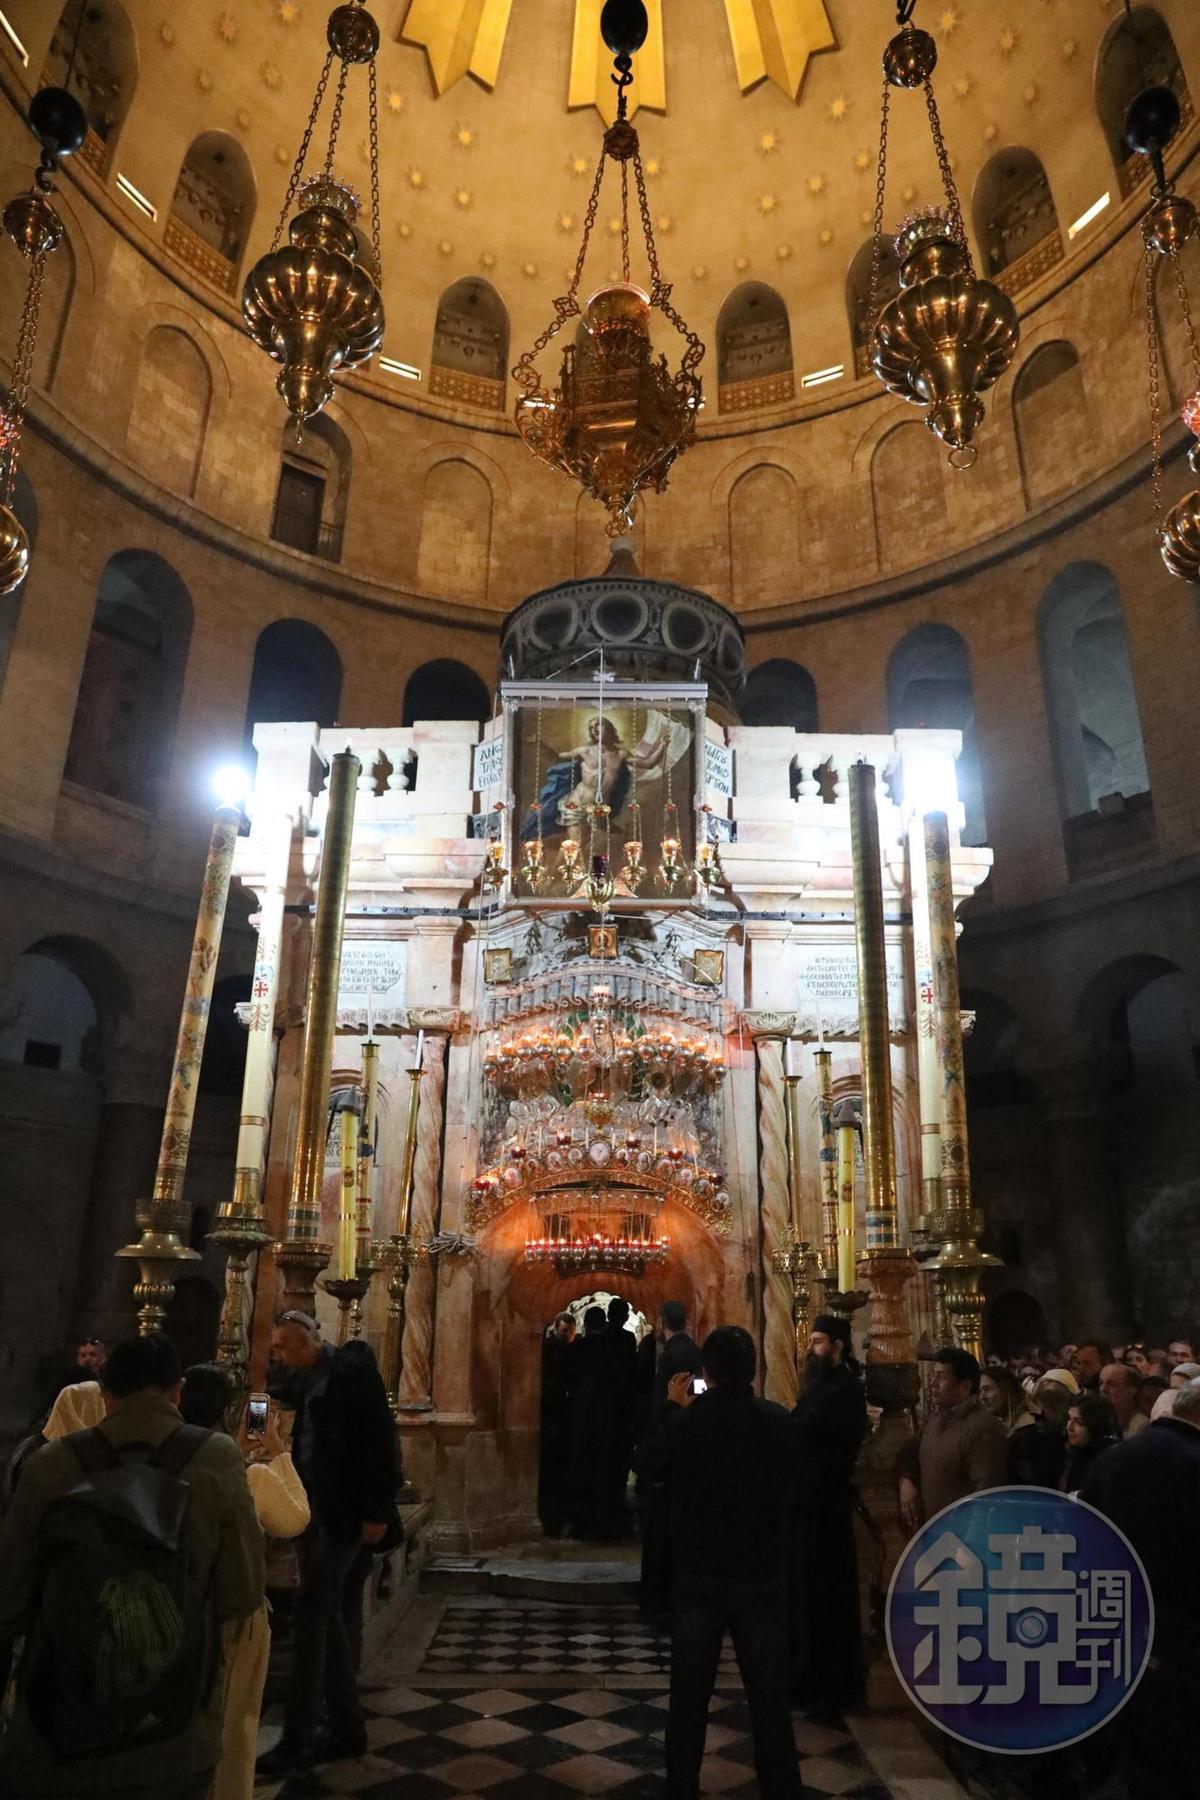 聖墓教堂中屬於希臘正教的「十字架小教堂」小小空間中塞滿金銀兩色,中間是掛在十字架上的耶穌像,需排隊才能進入膜拜。